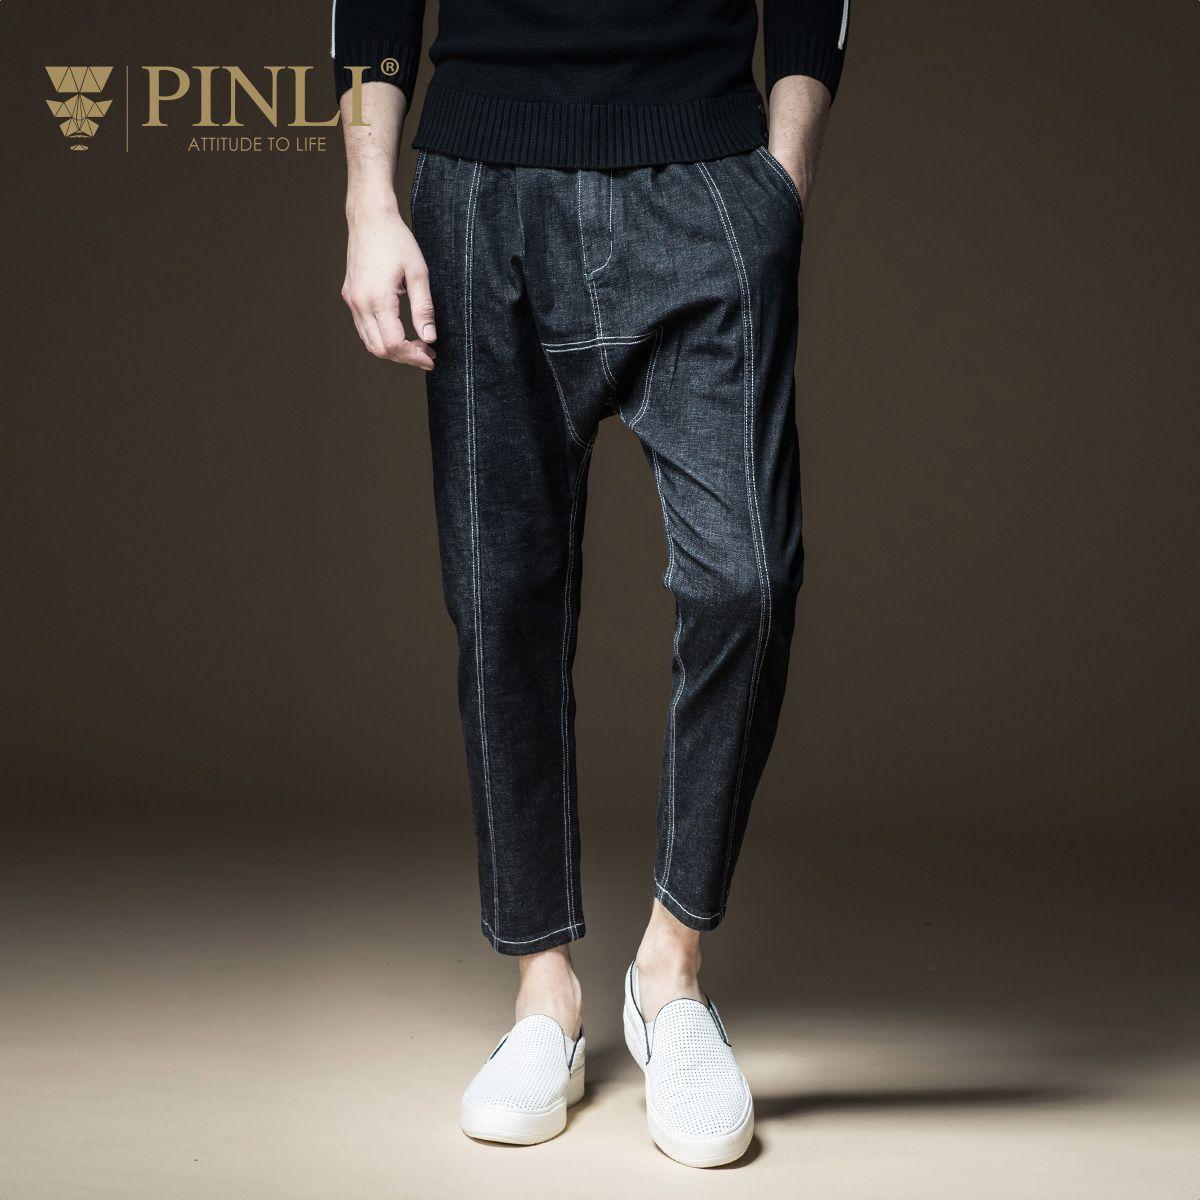 Pinli Vente Acétate Zipper Fly Produit 2017 Automne Nouveau Mode Masculine, Denim Jeans, Haren Pantalon, pantalon Pour Hommes, B173116083